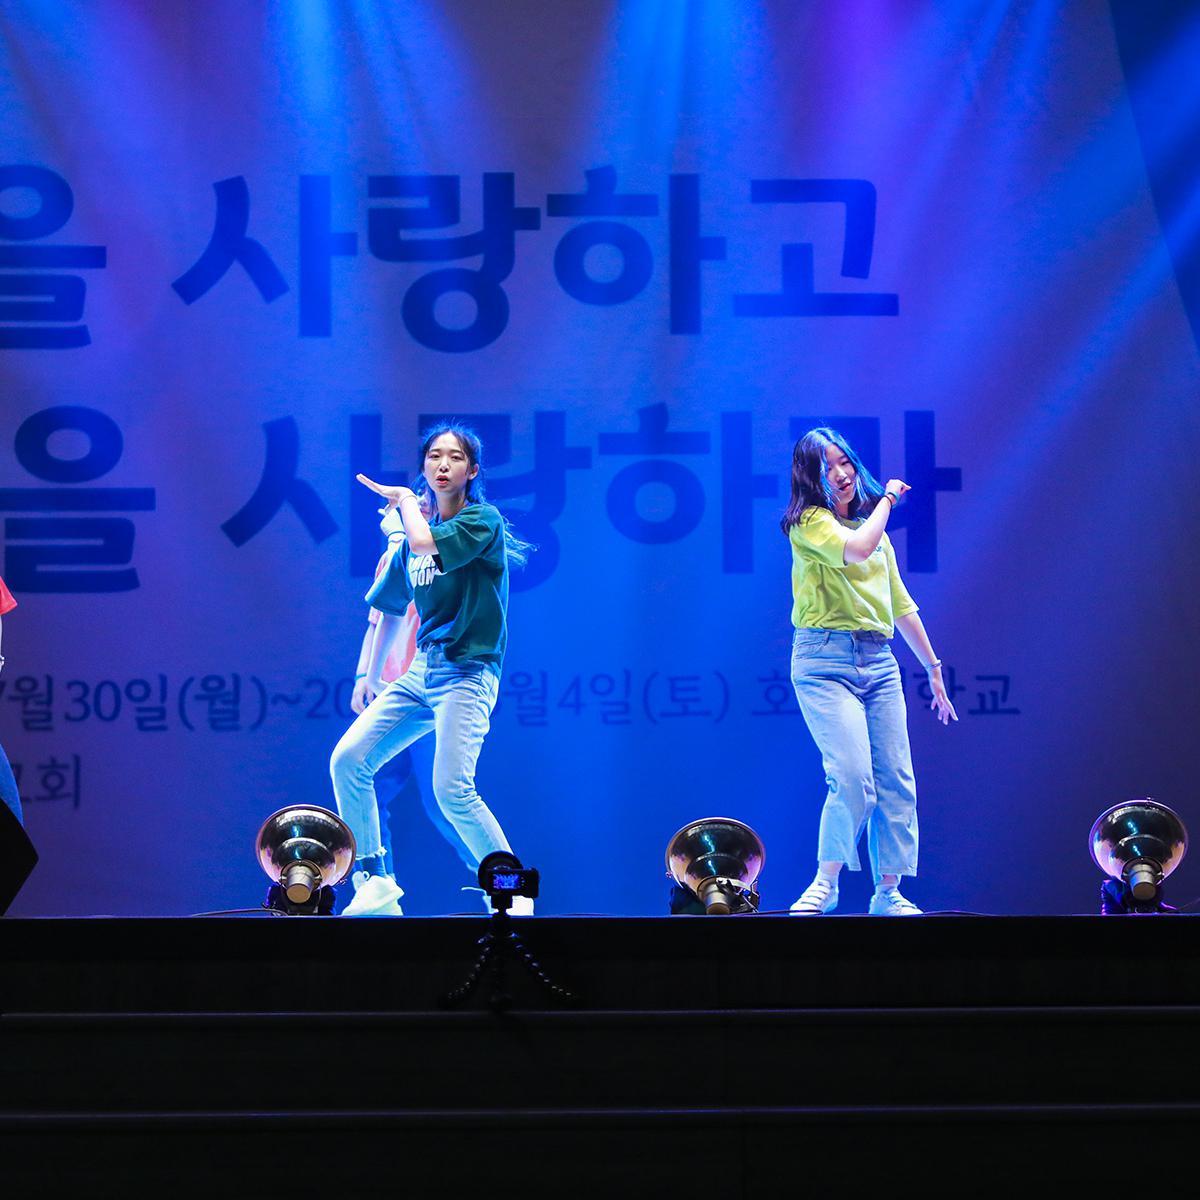 버라이어티 쇼에서 춤추는 참가자들 2